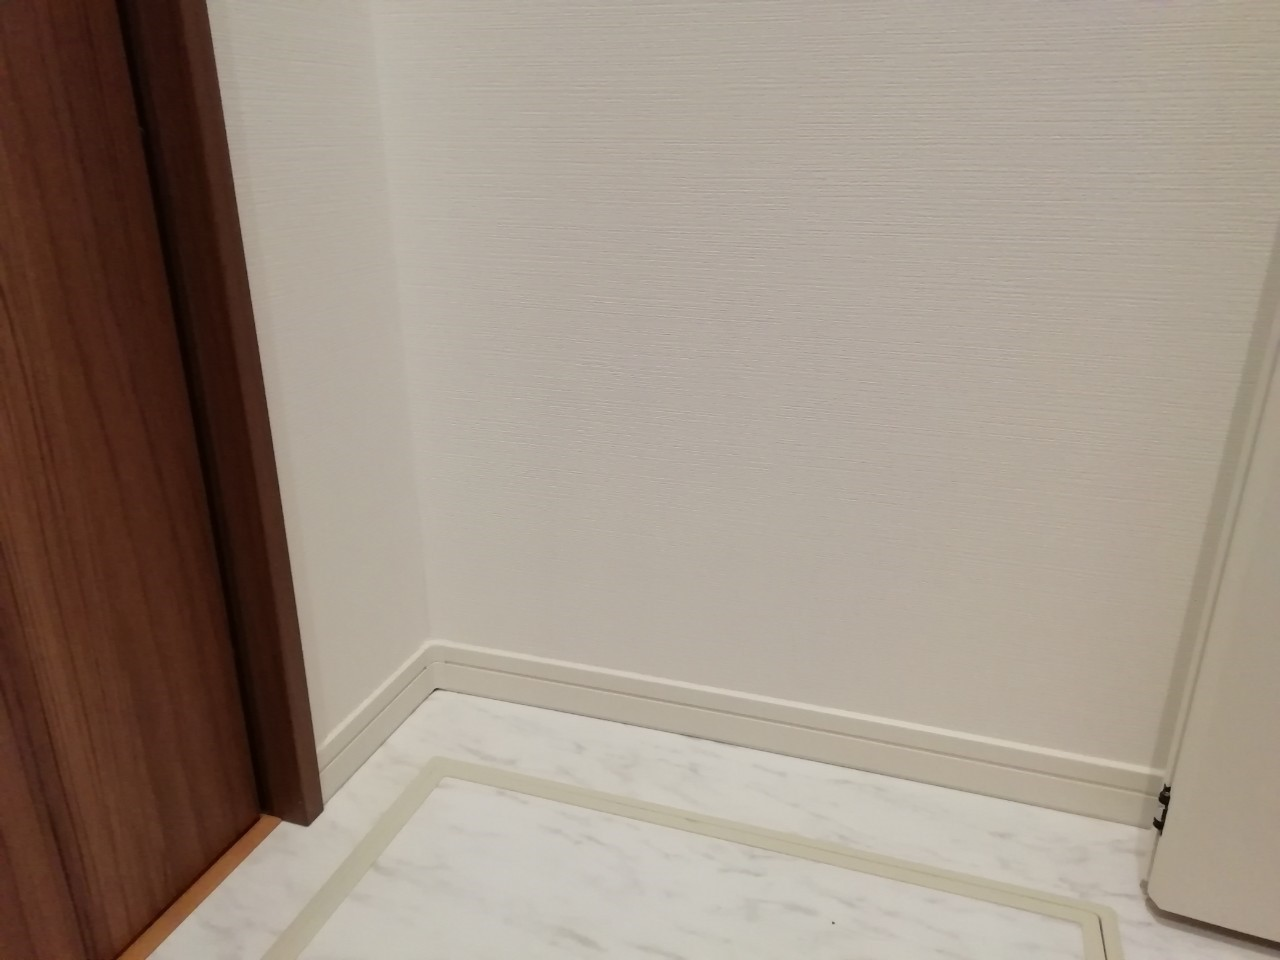 洗面所のコンセント増設工事【京都市上京区】